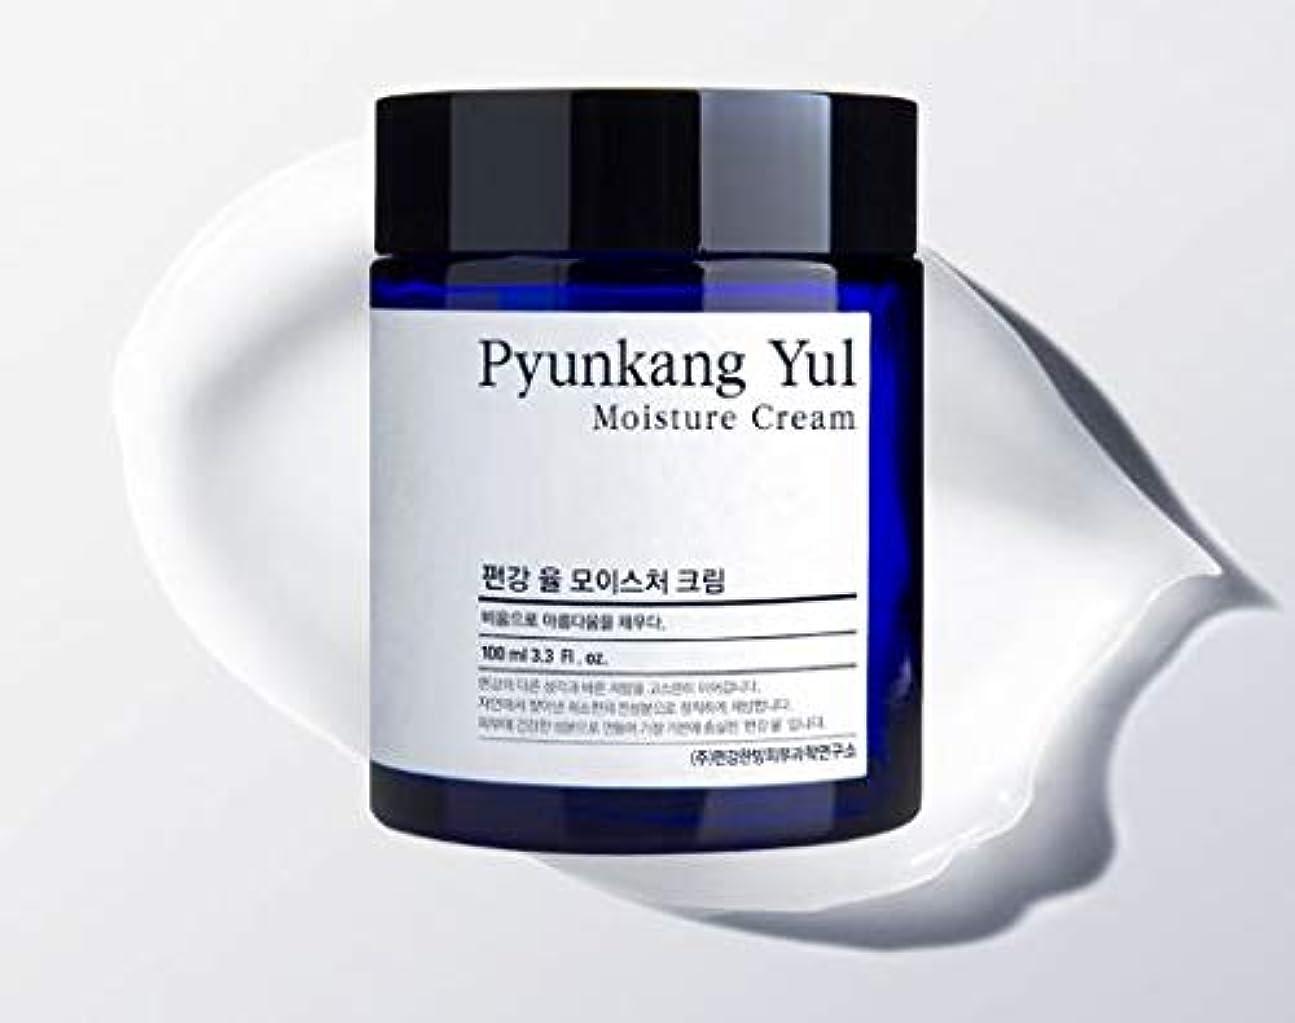 祝うなくなる決済[Pyunkang Yul] Moisture Cream 100ml /モイスチャークリーム 100ml [並行輸入品]